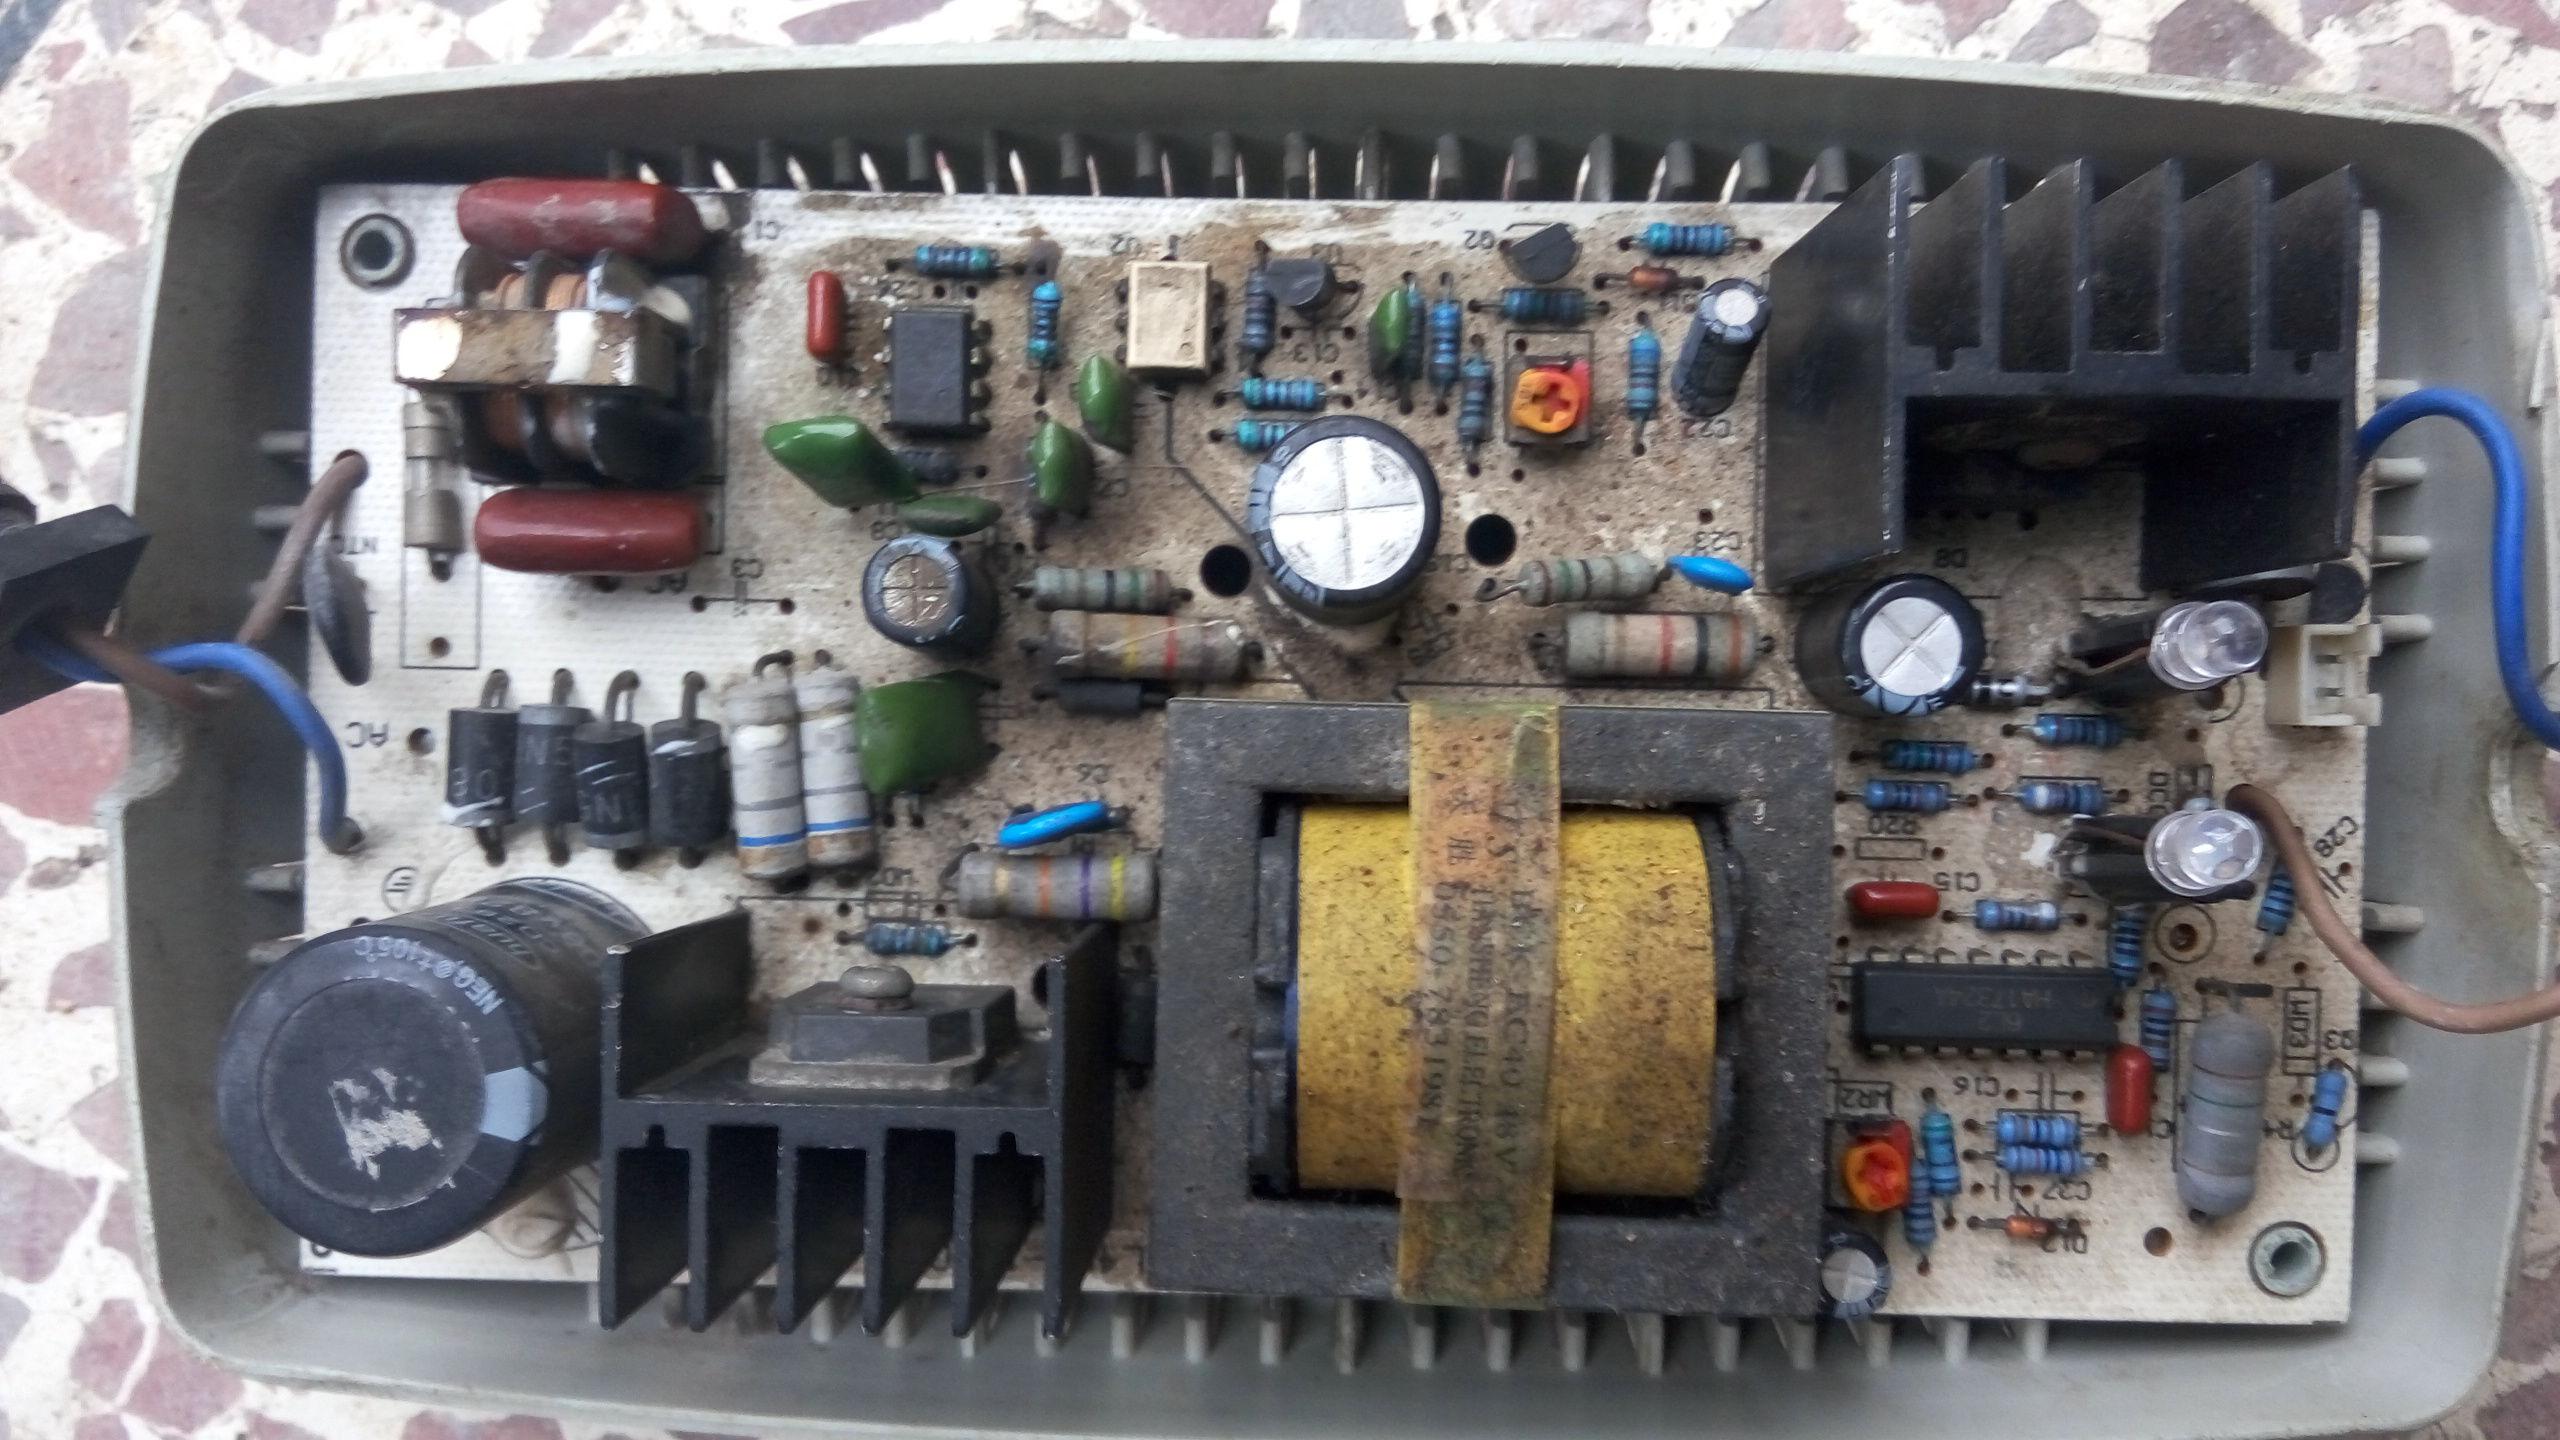 电路板 机器设备 2560_1440